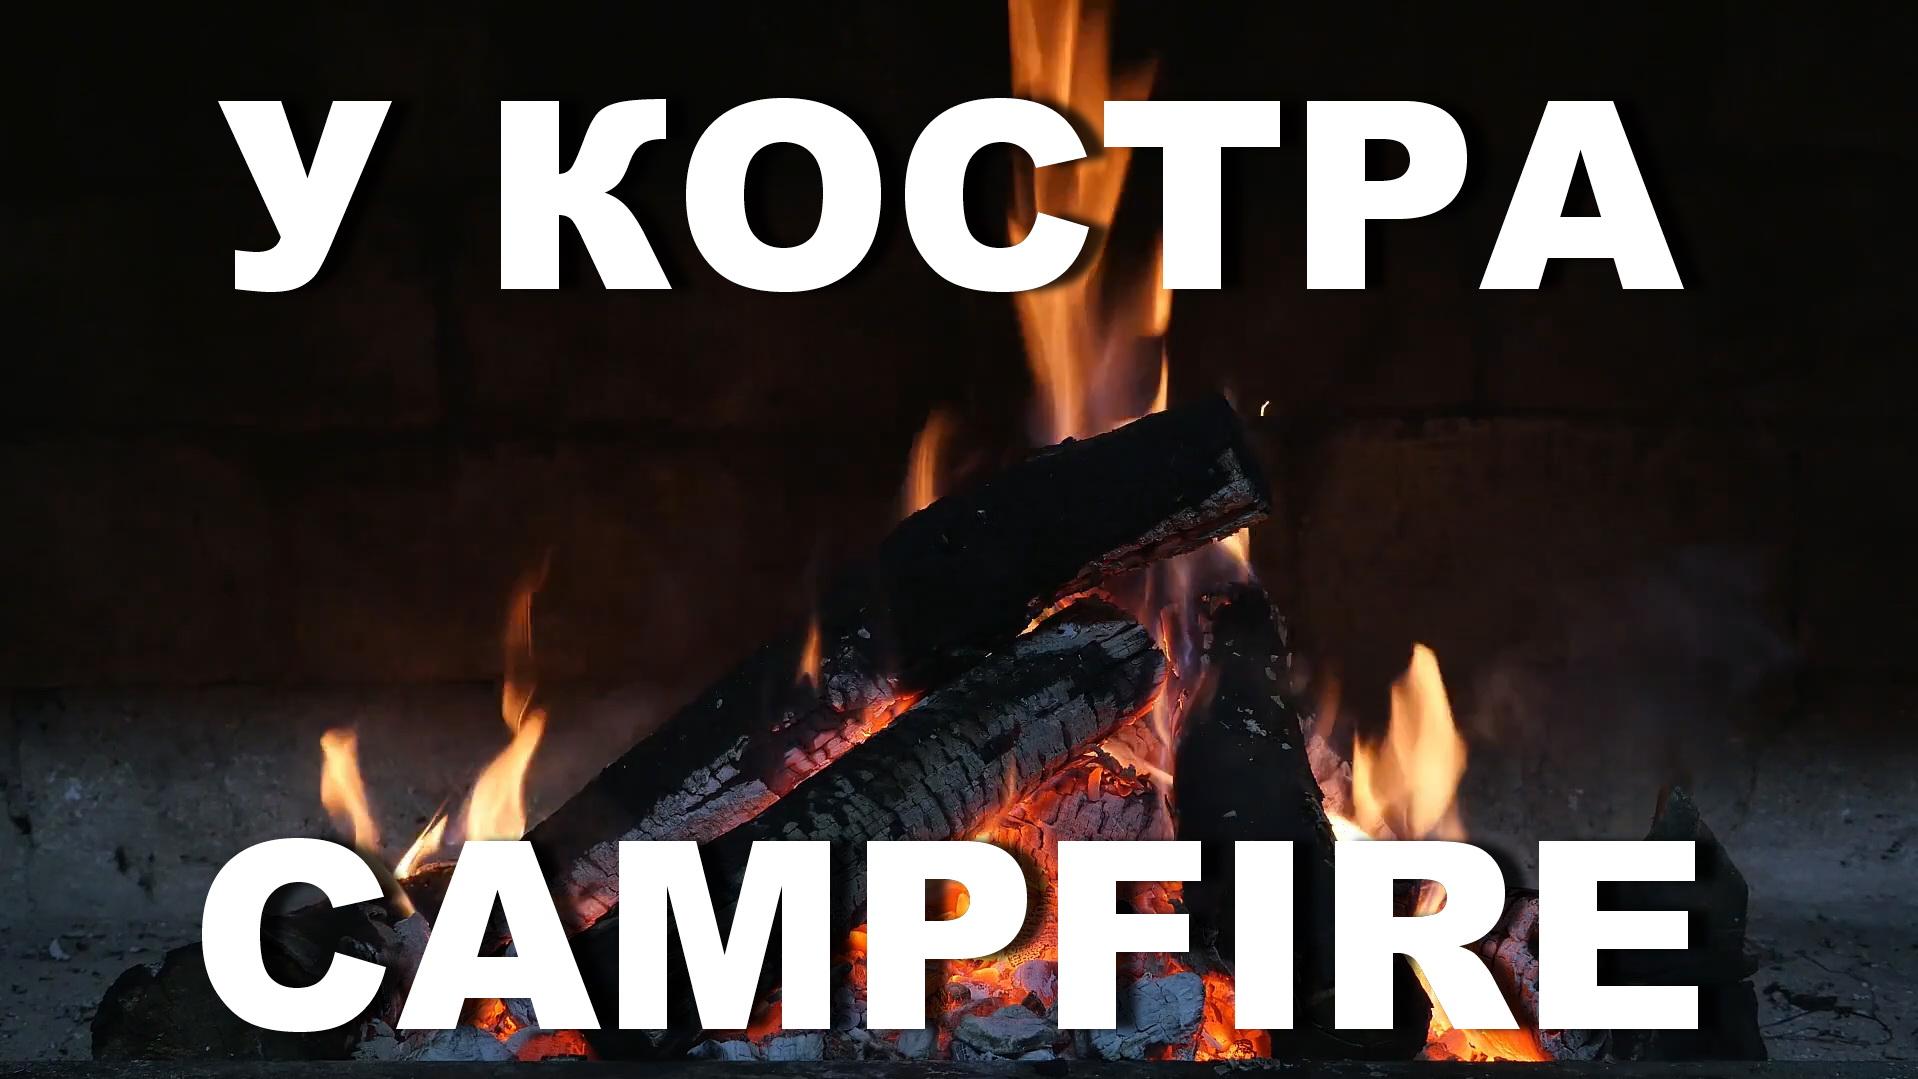 Как приятно смотреть на огонь, слышать звук костра, треск огня